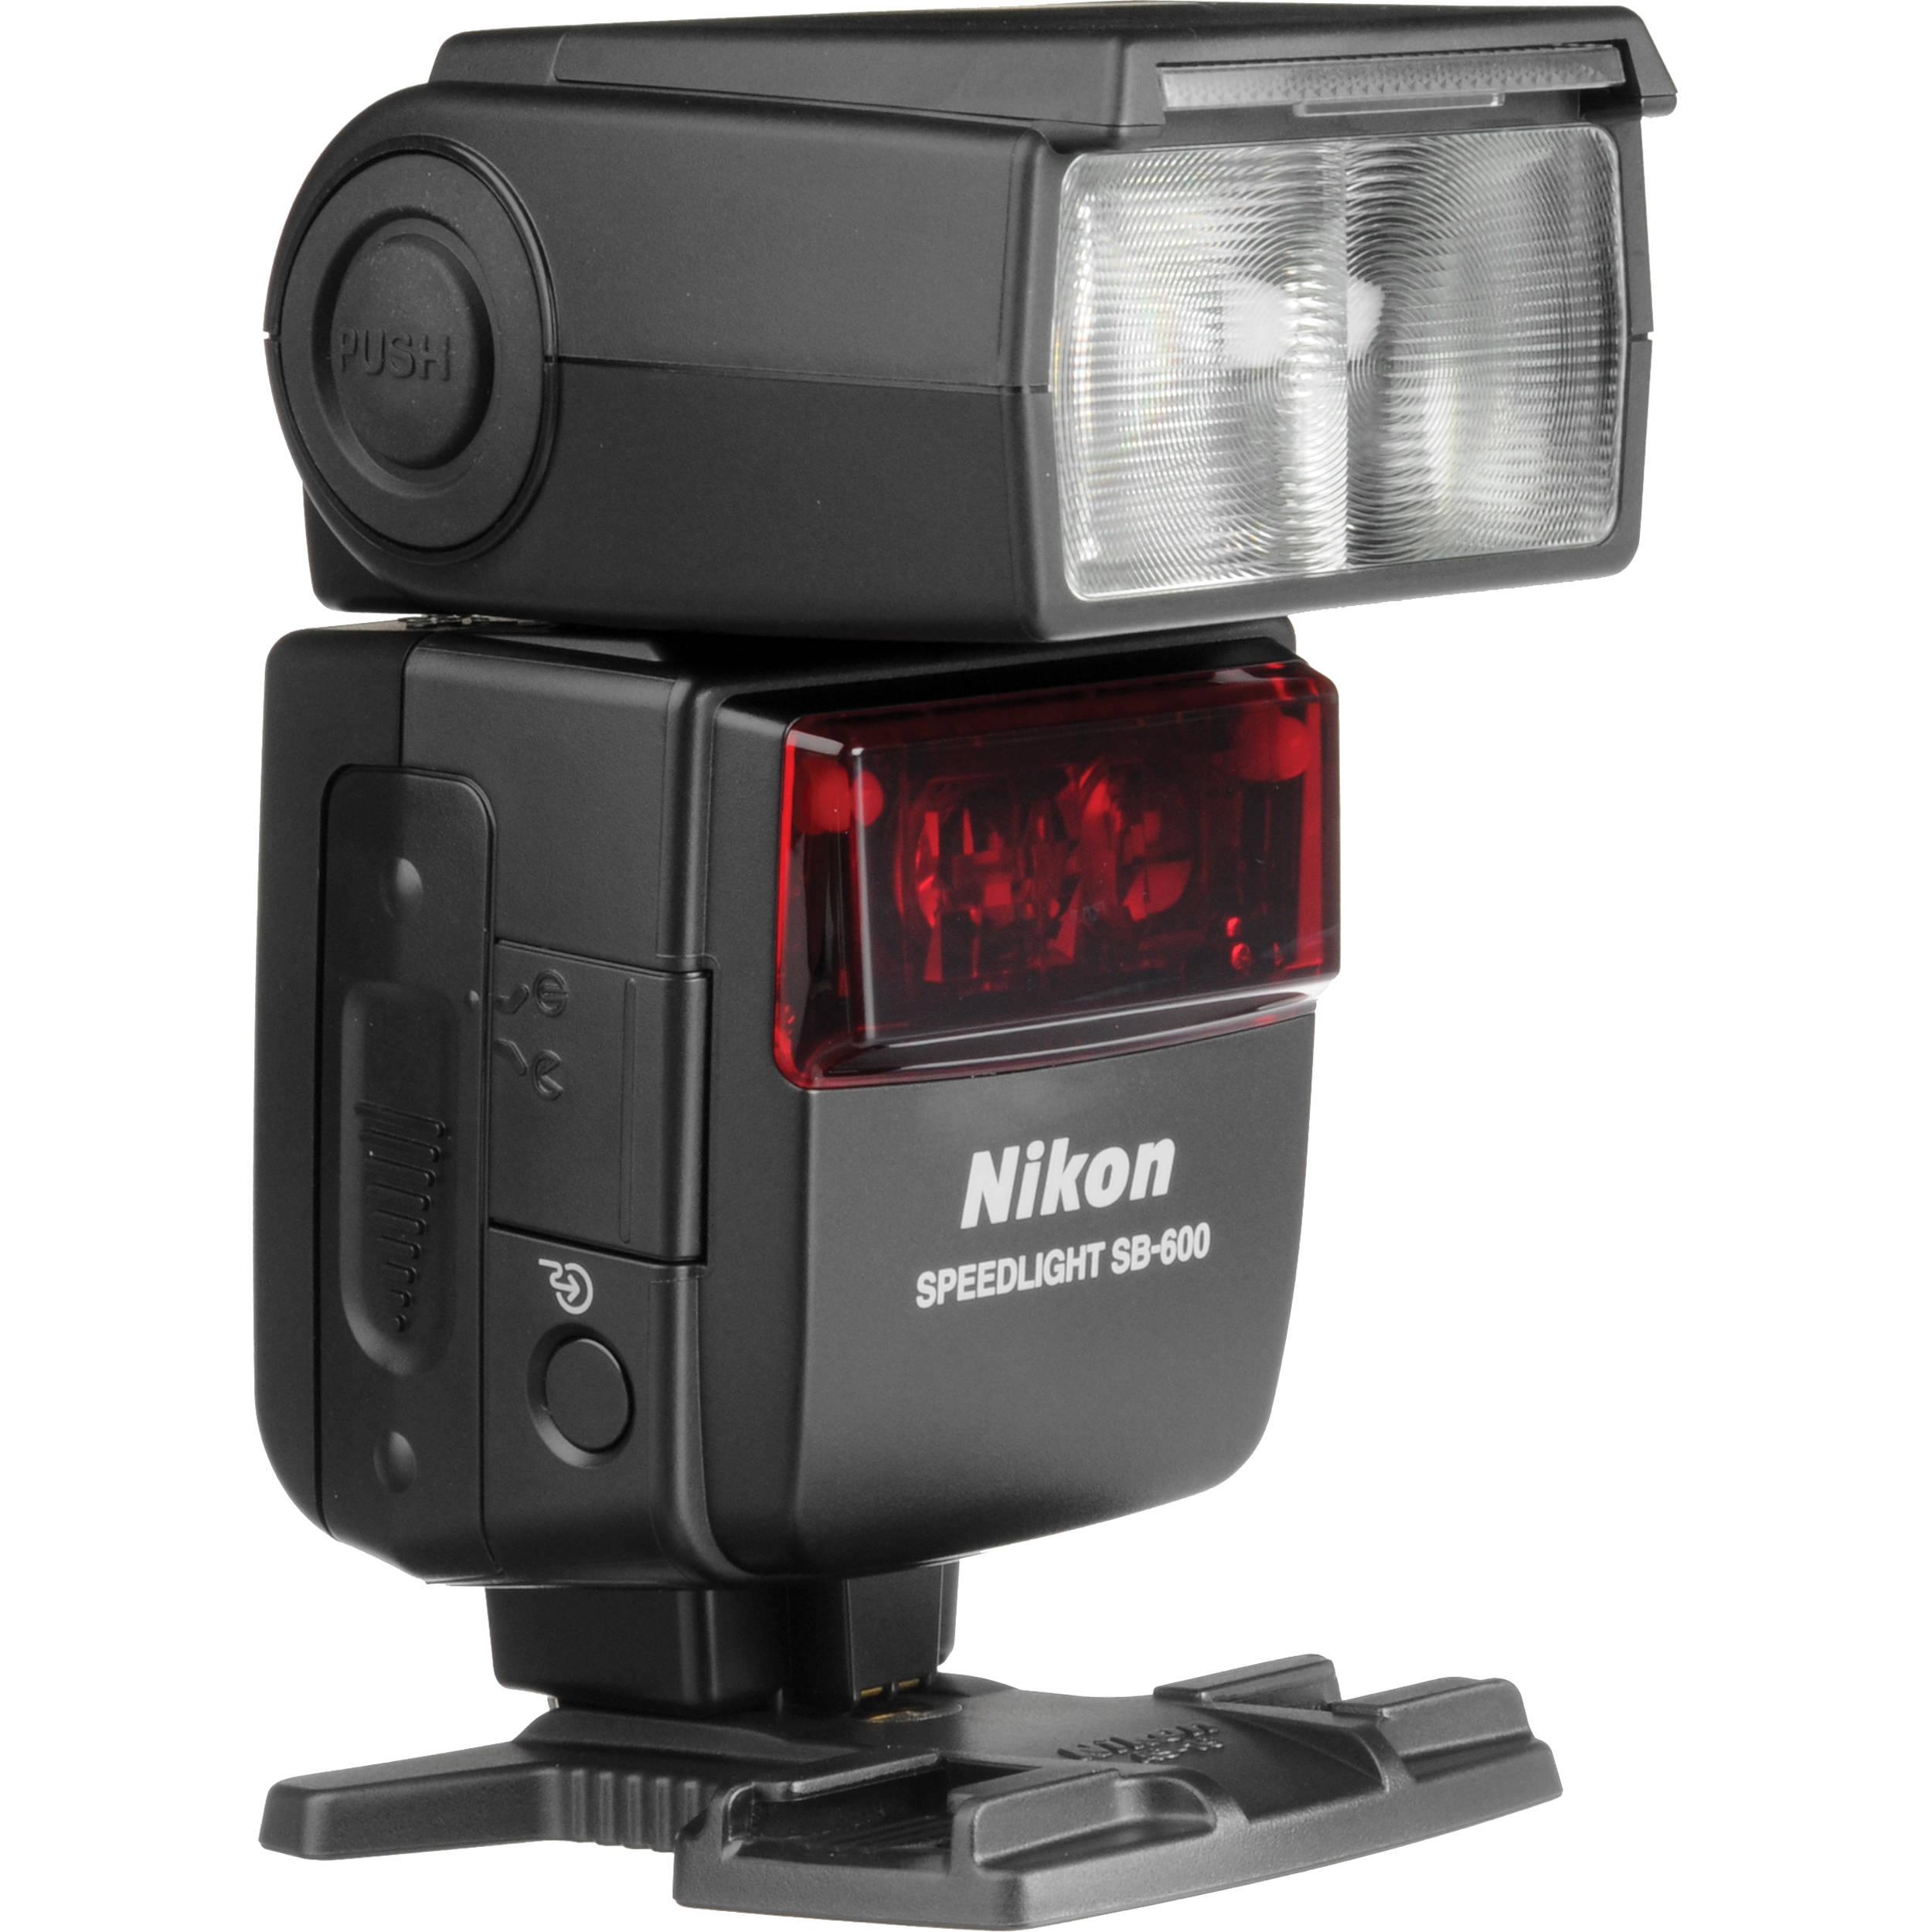 used nikon sb 600 af speedlight i ttl shoe mount flash 4802 b h rh bhphotovideo com Flash for Nikon SB-600 Flash for Nikon SB-600